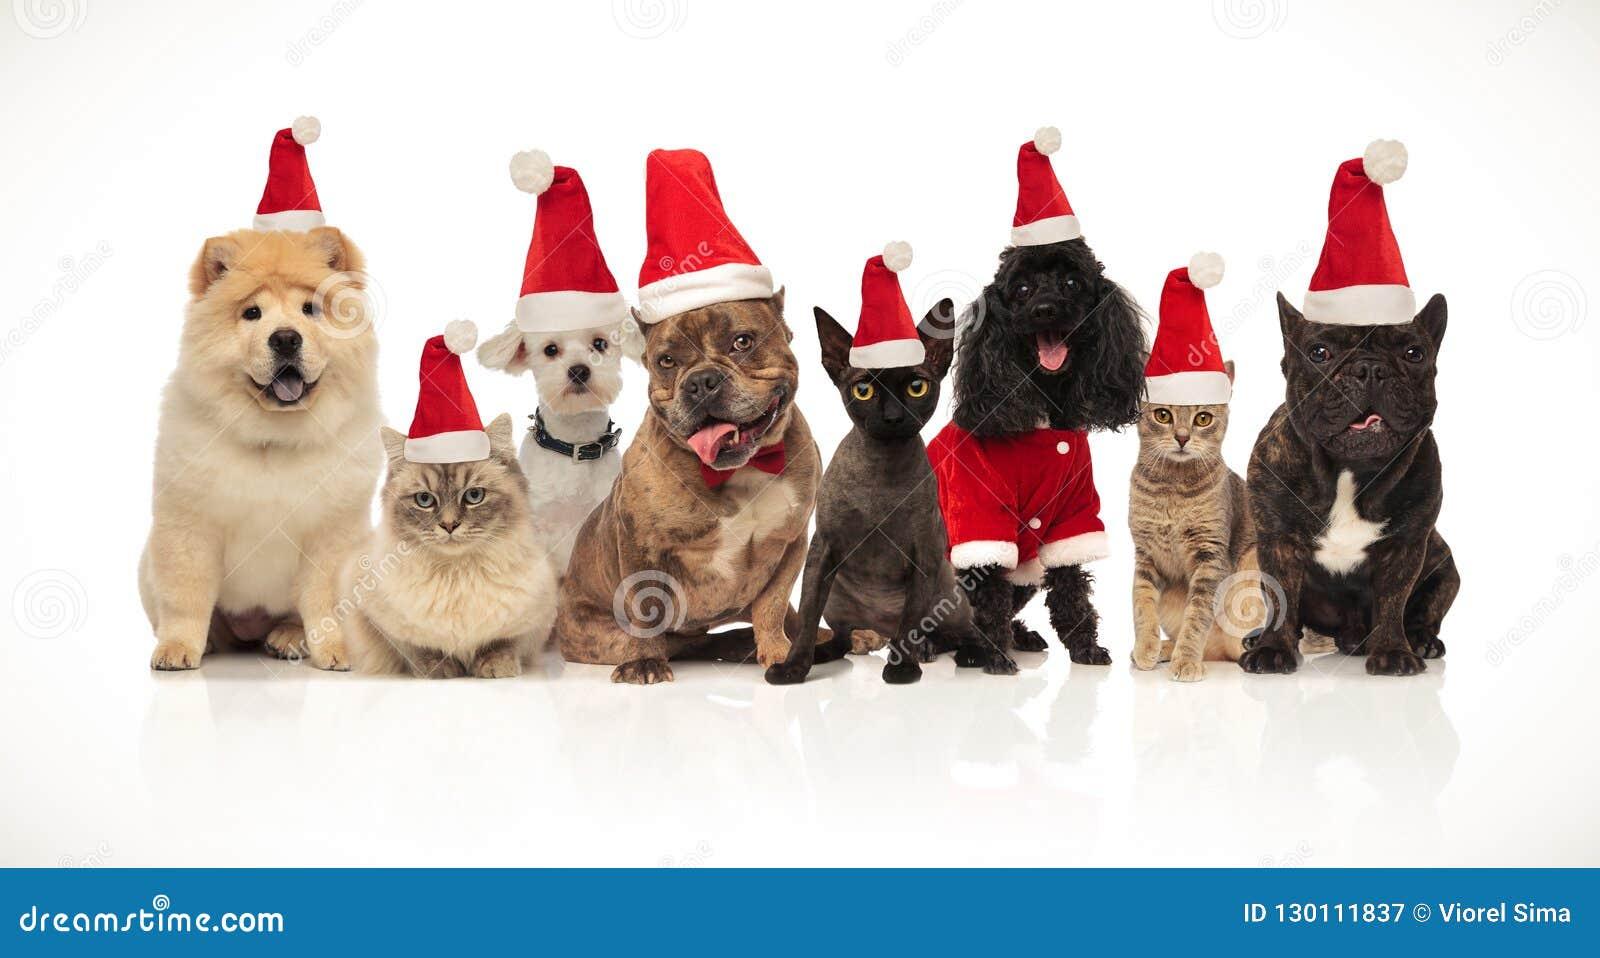 Grupp av åtta förtjusande santa katter och hundkapplöpning med dräkter